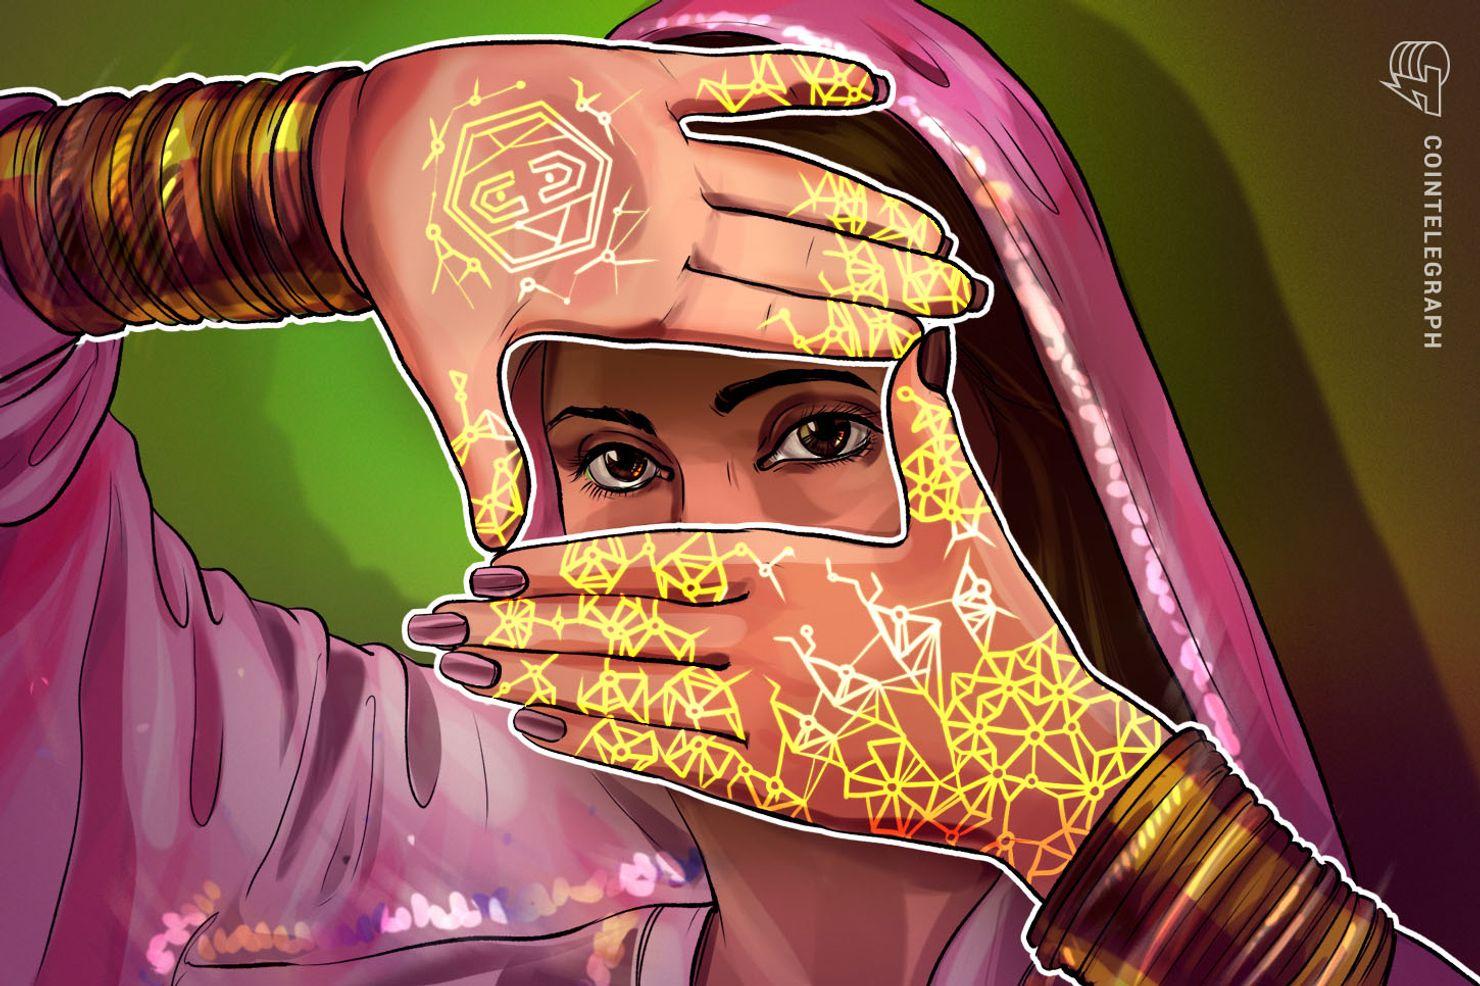 India está a punto de revertir su prohibición de comercio de criptos?